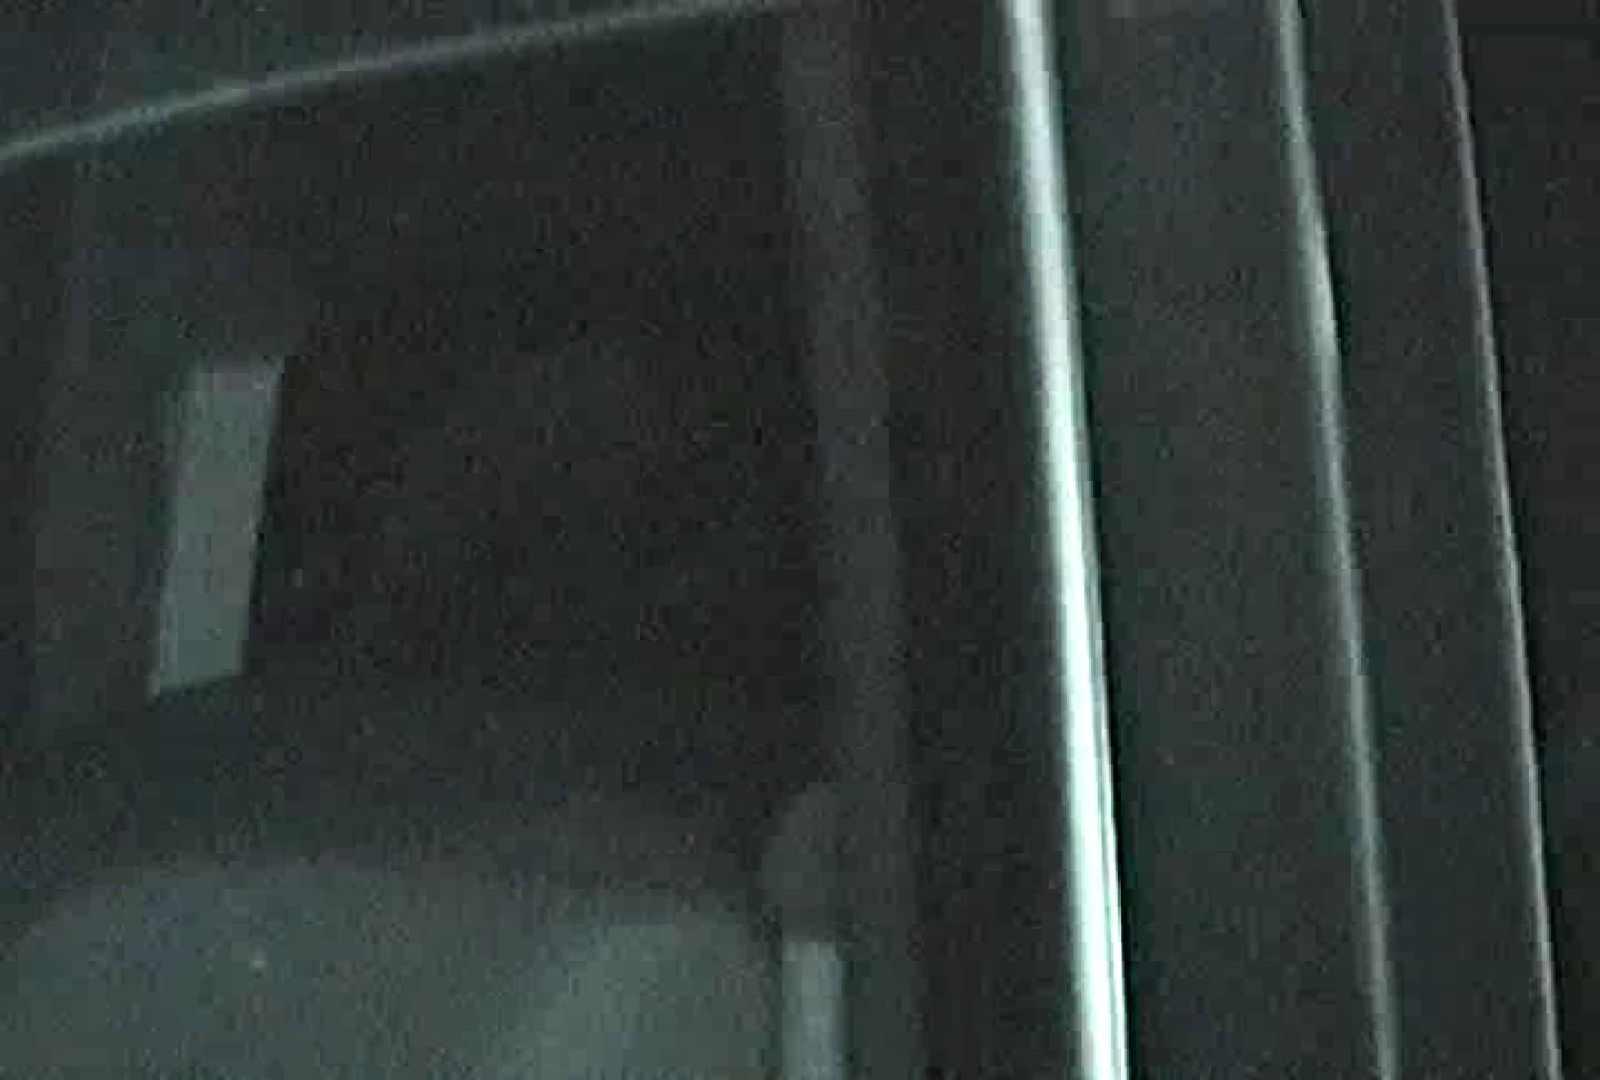 充血監督の深夜の運動会Vol.91 マンコ 盗撮画像 61連発 54